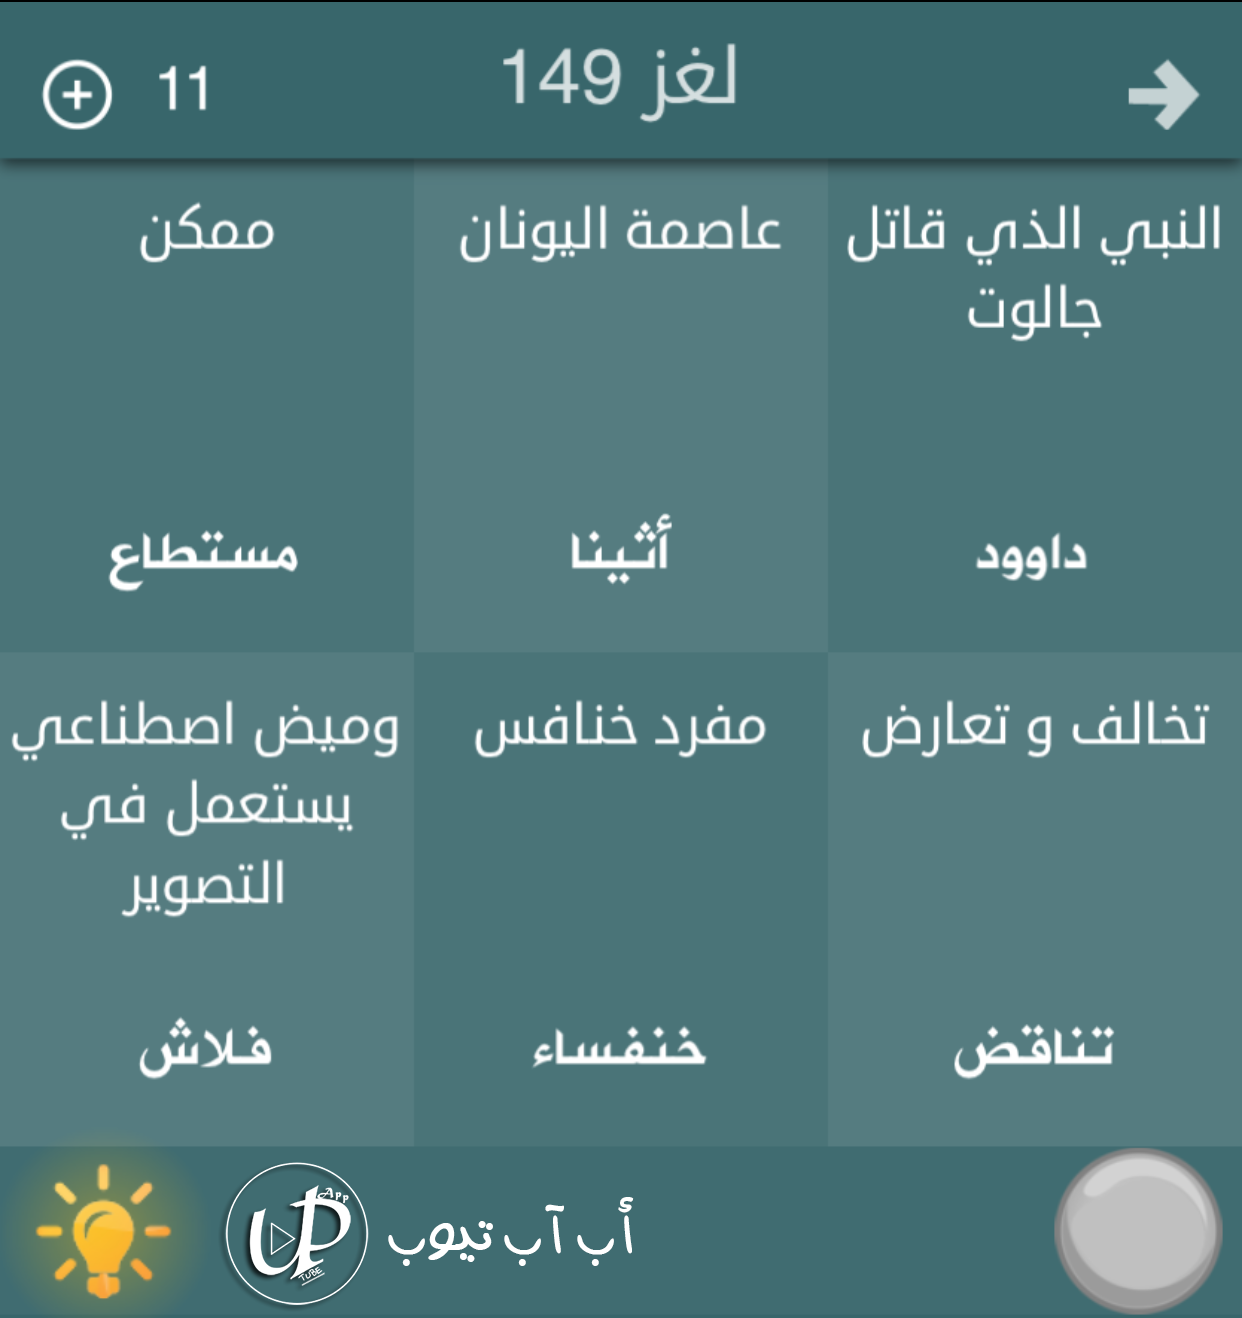 هل تعلم حل الغاز لعبة فطحل العرب المجموعة الثمانية من 141